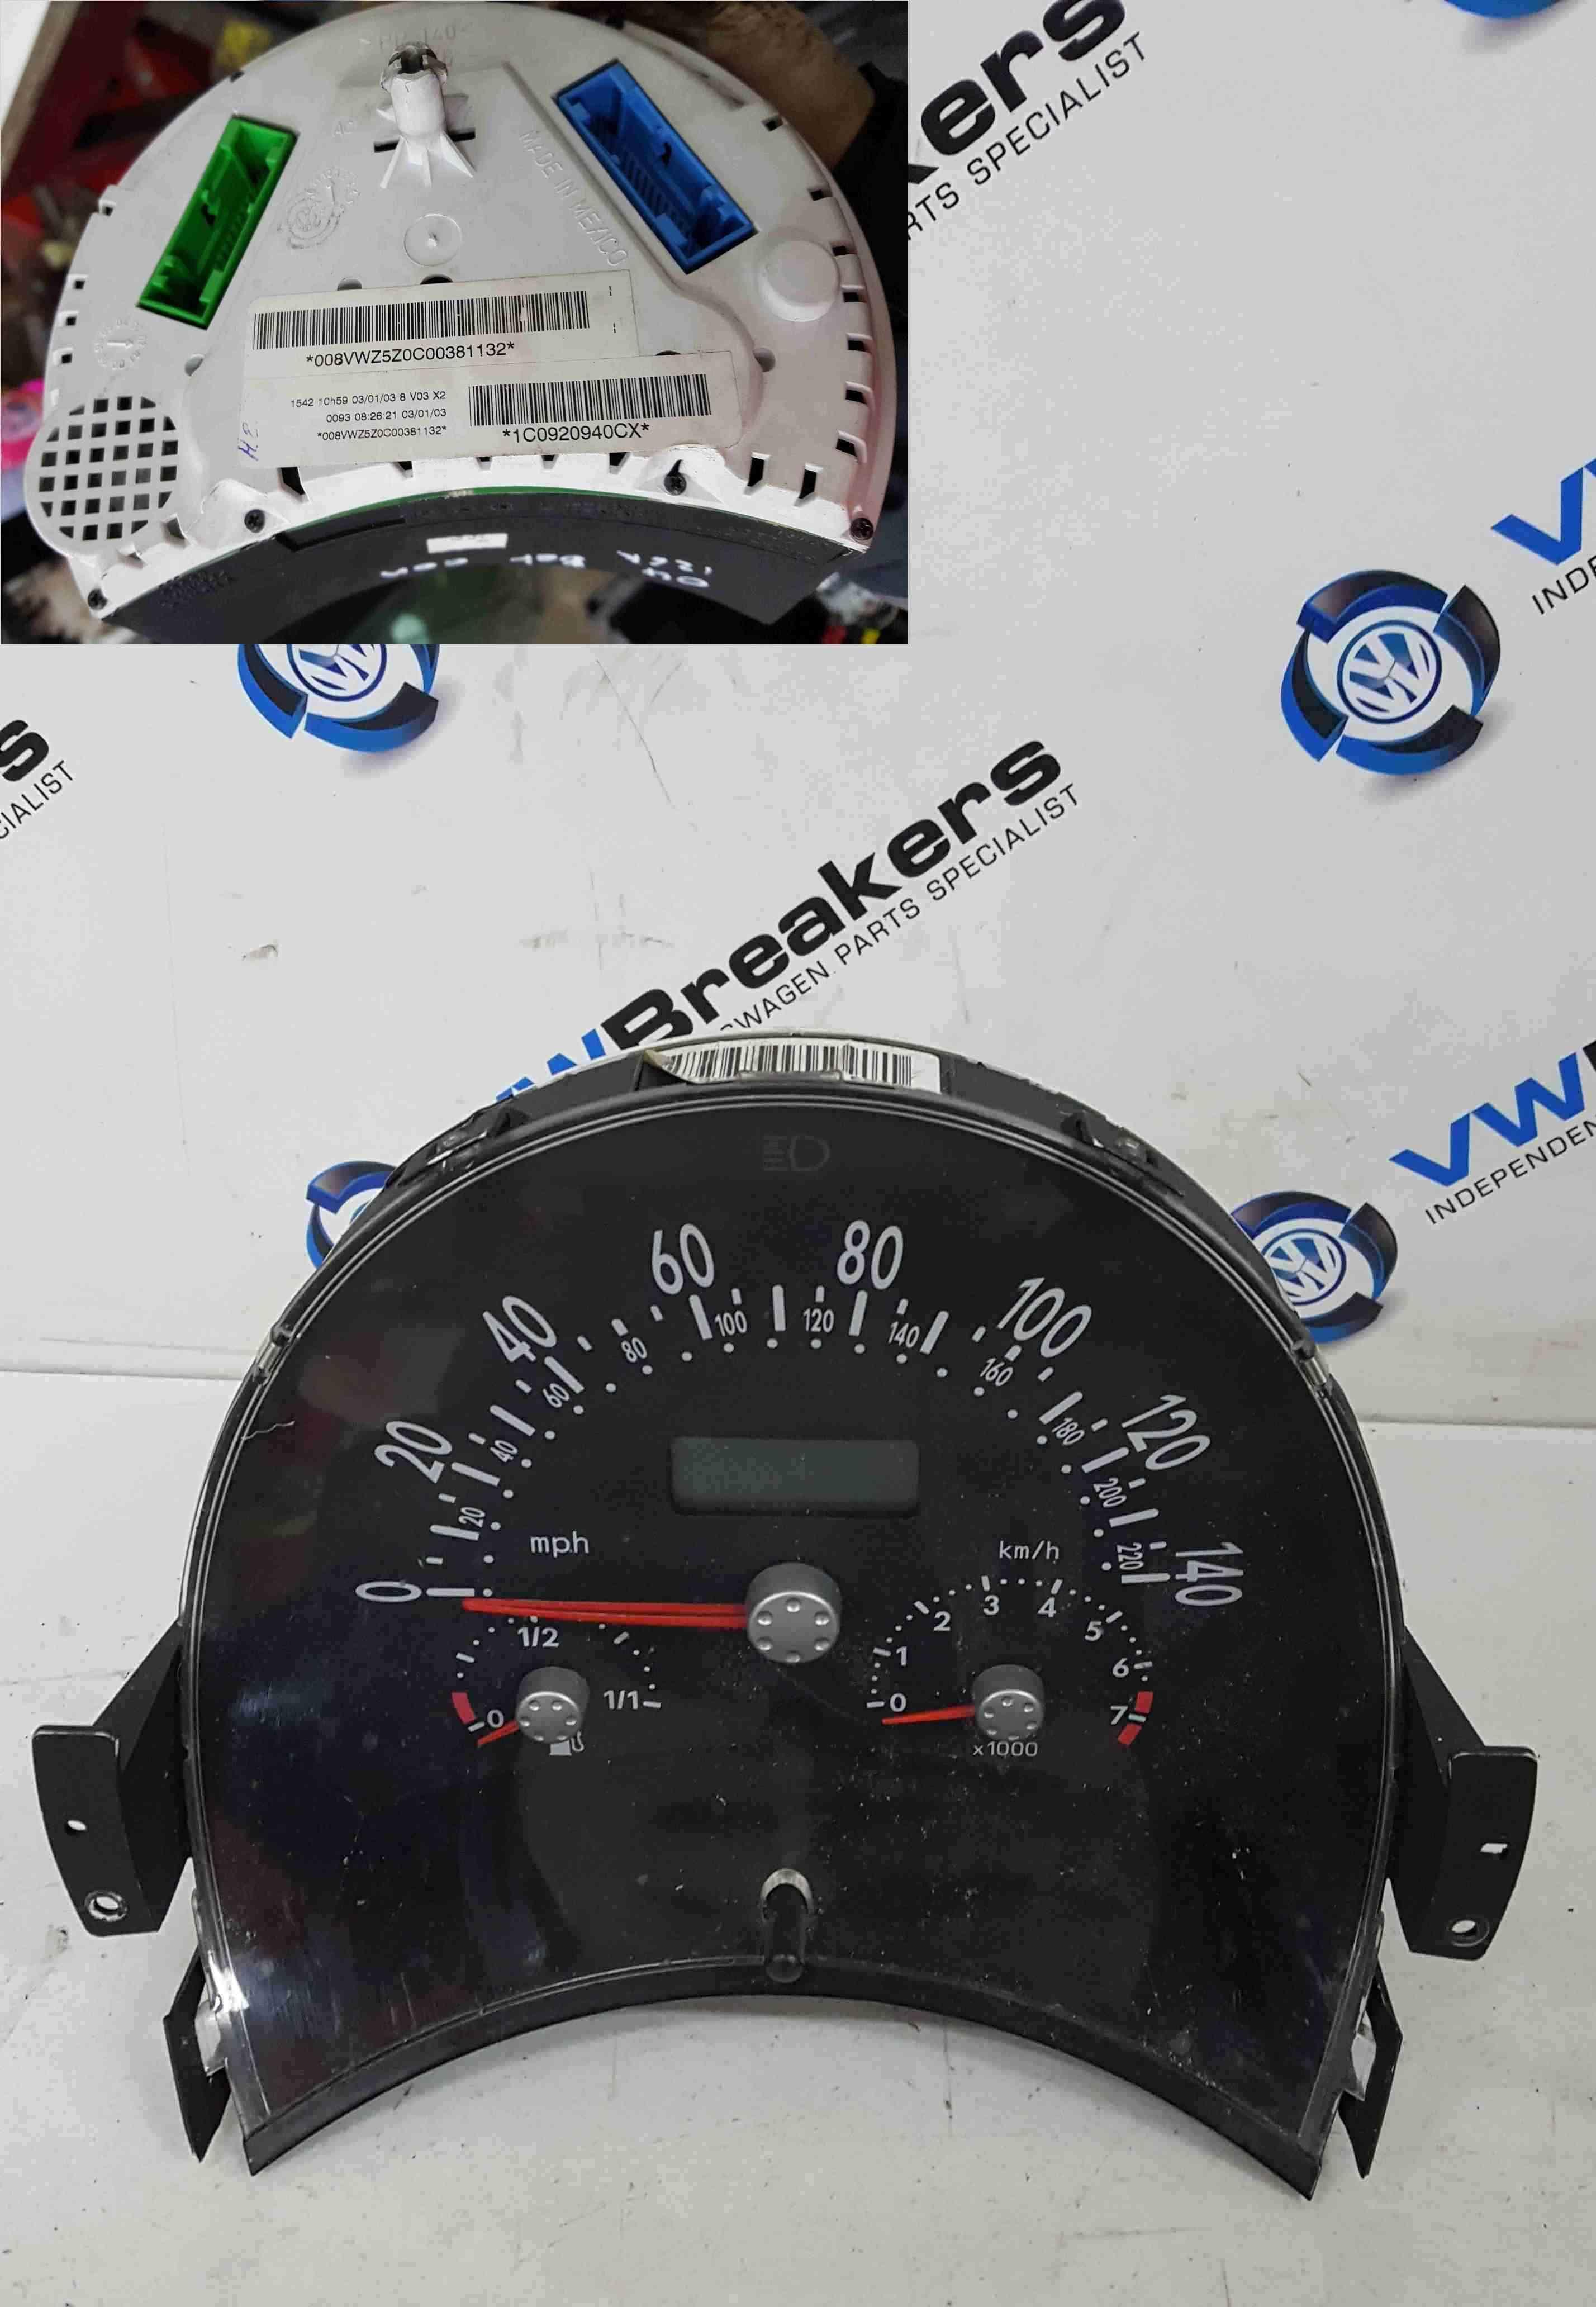 Volkswagen Beetle Convertible 2002-2006 Instrument Panel Dials Clocks 198K